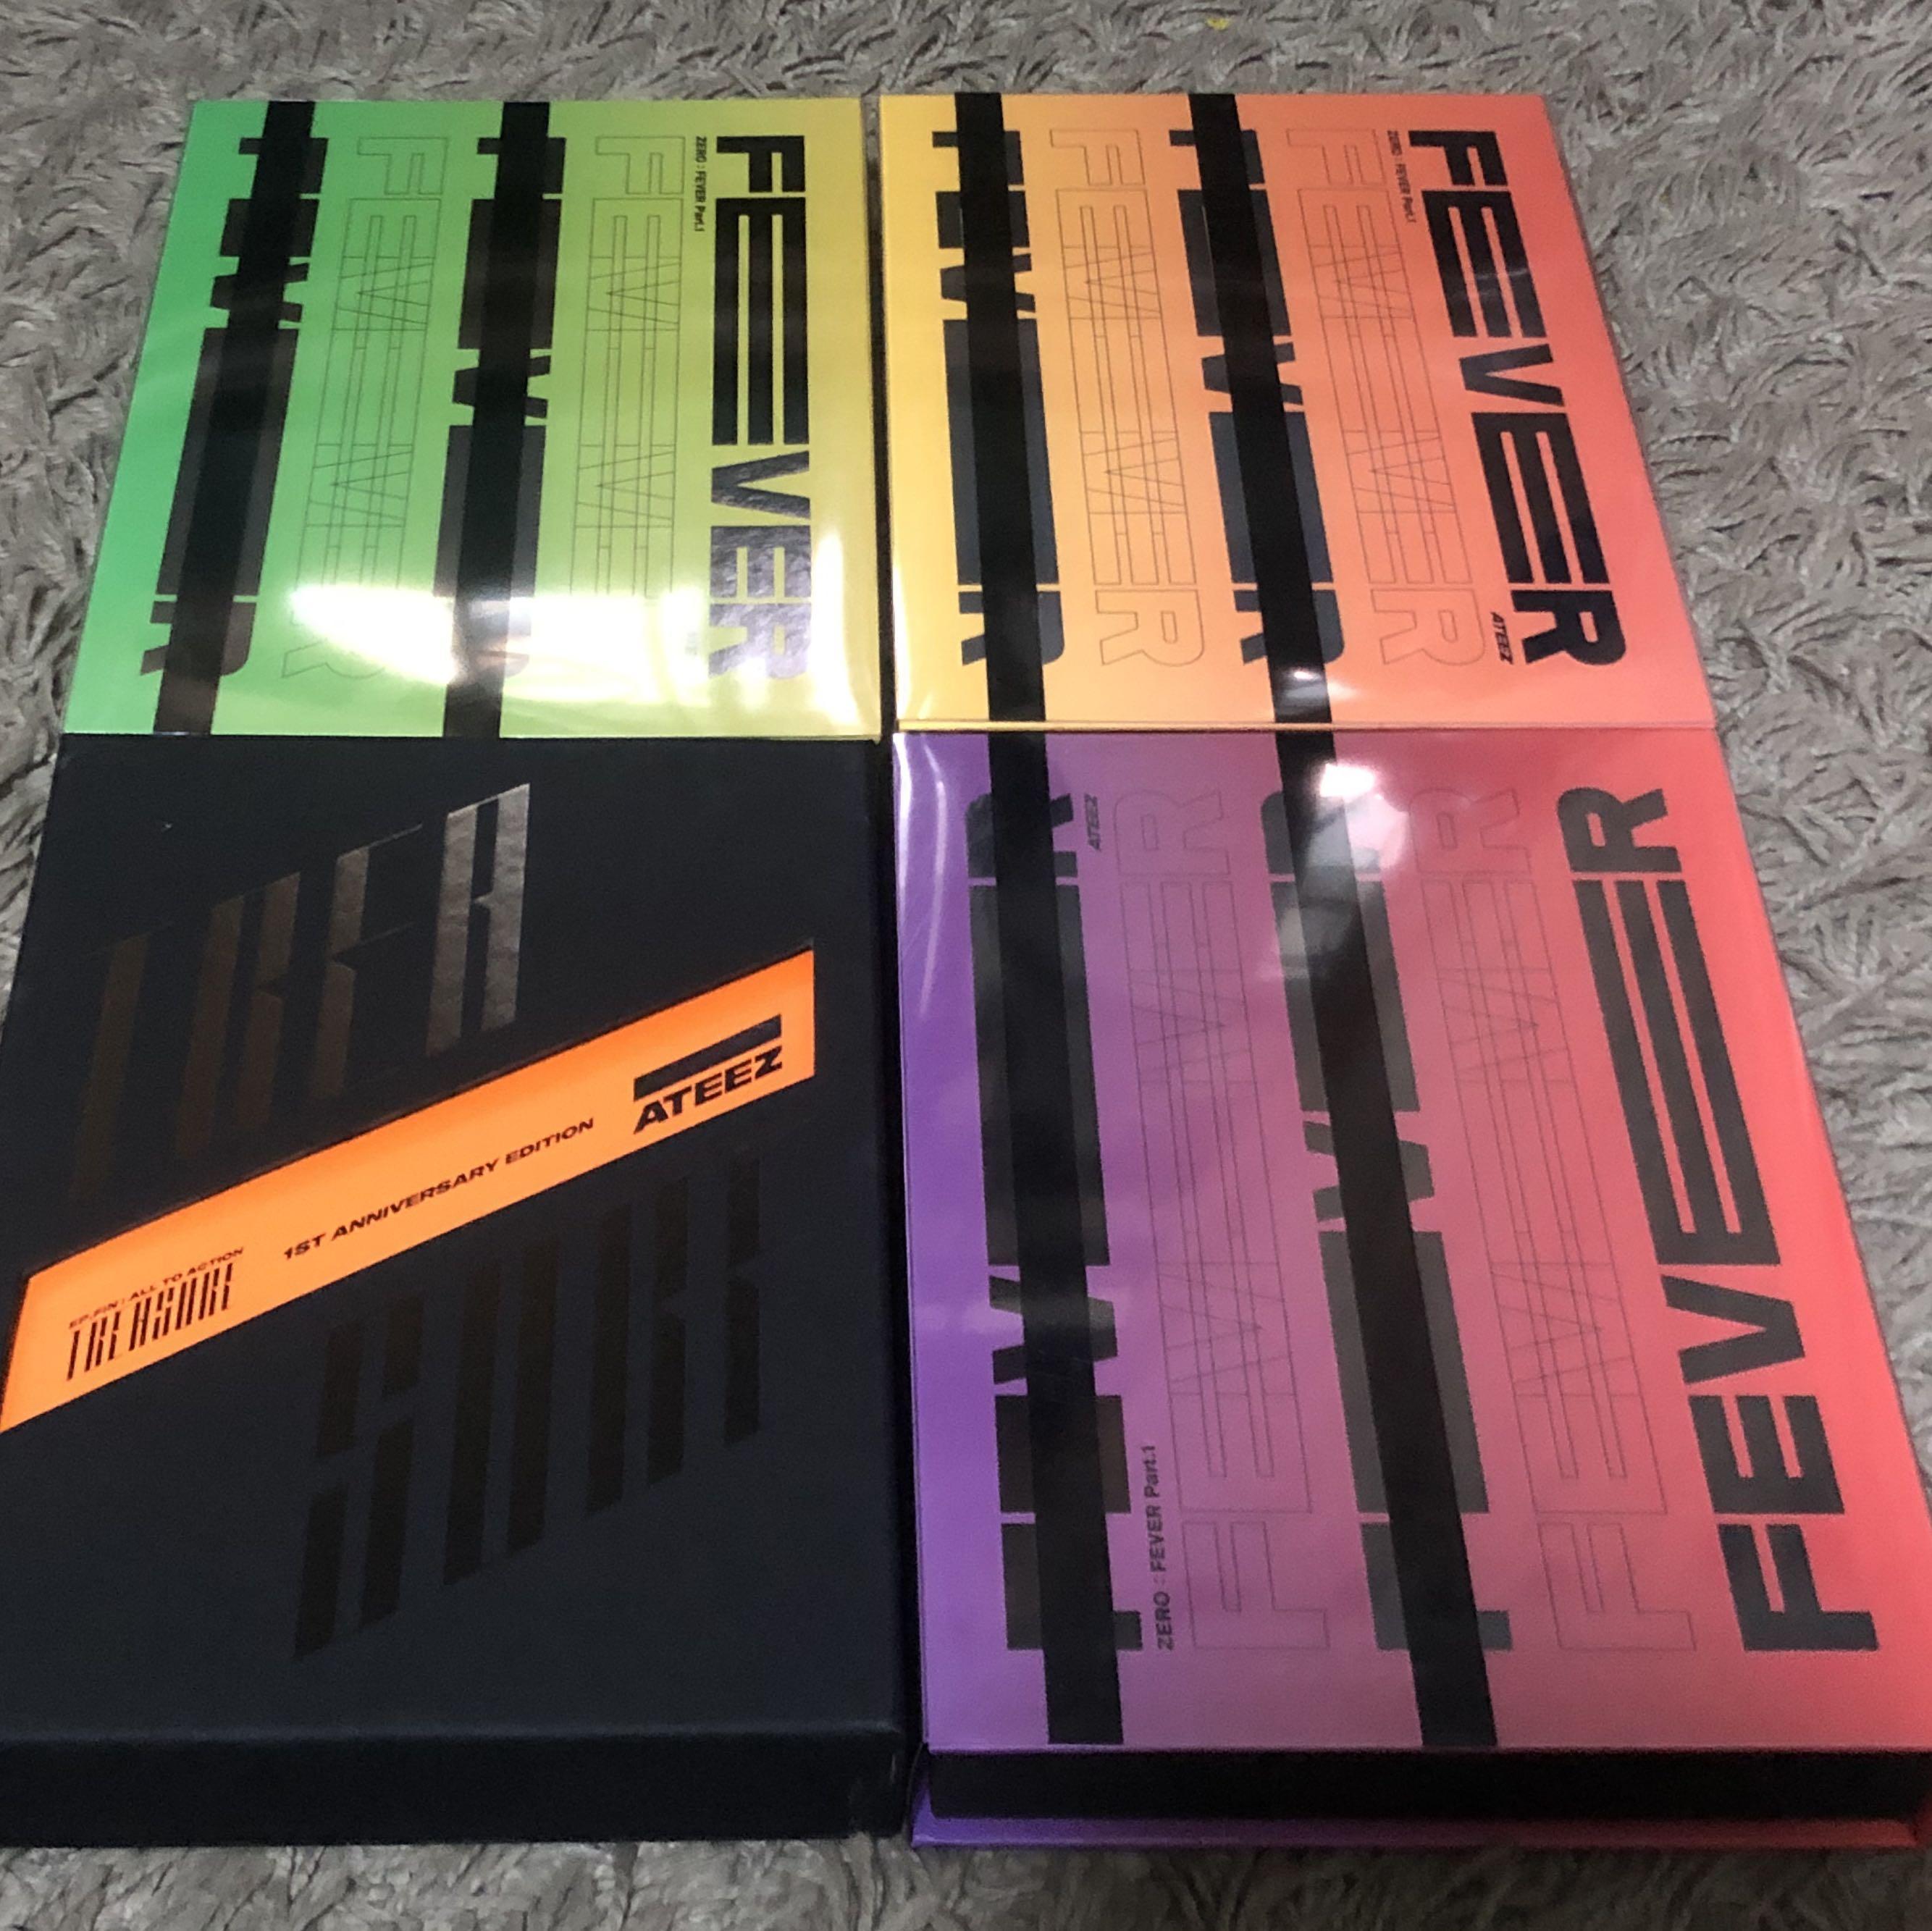 ateez  unsealed albums bundle 1599109778 0d2147a8 progressive